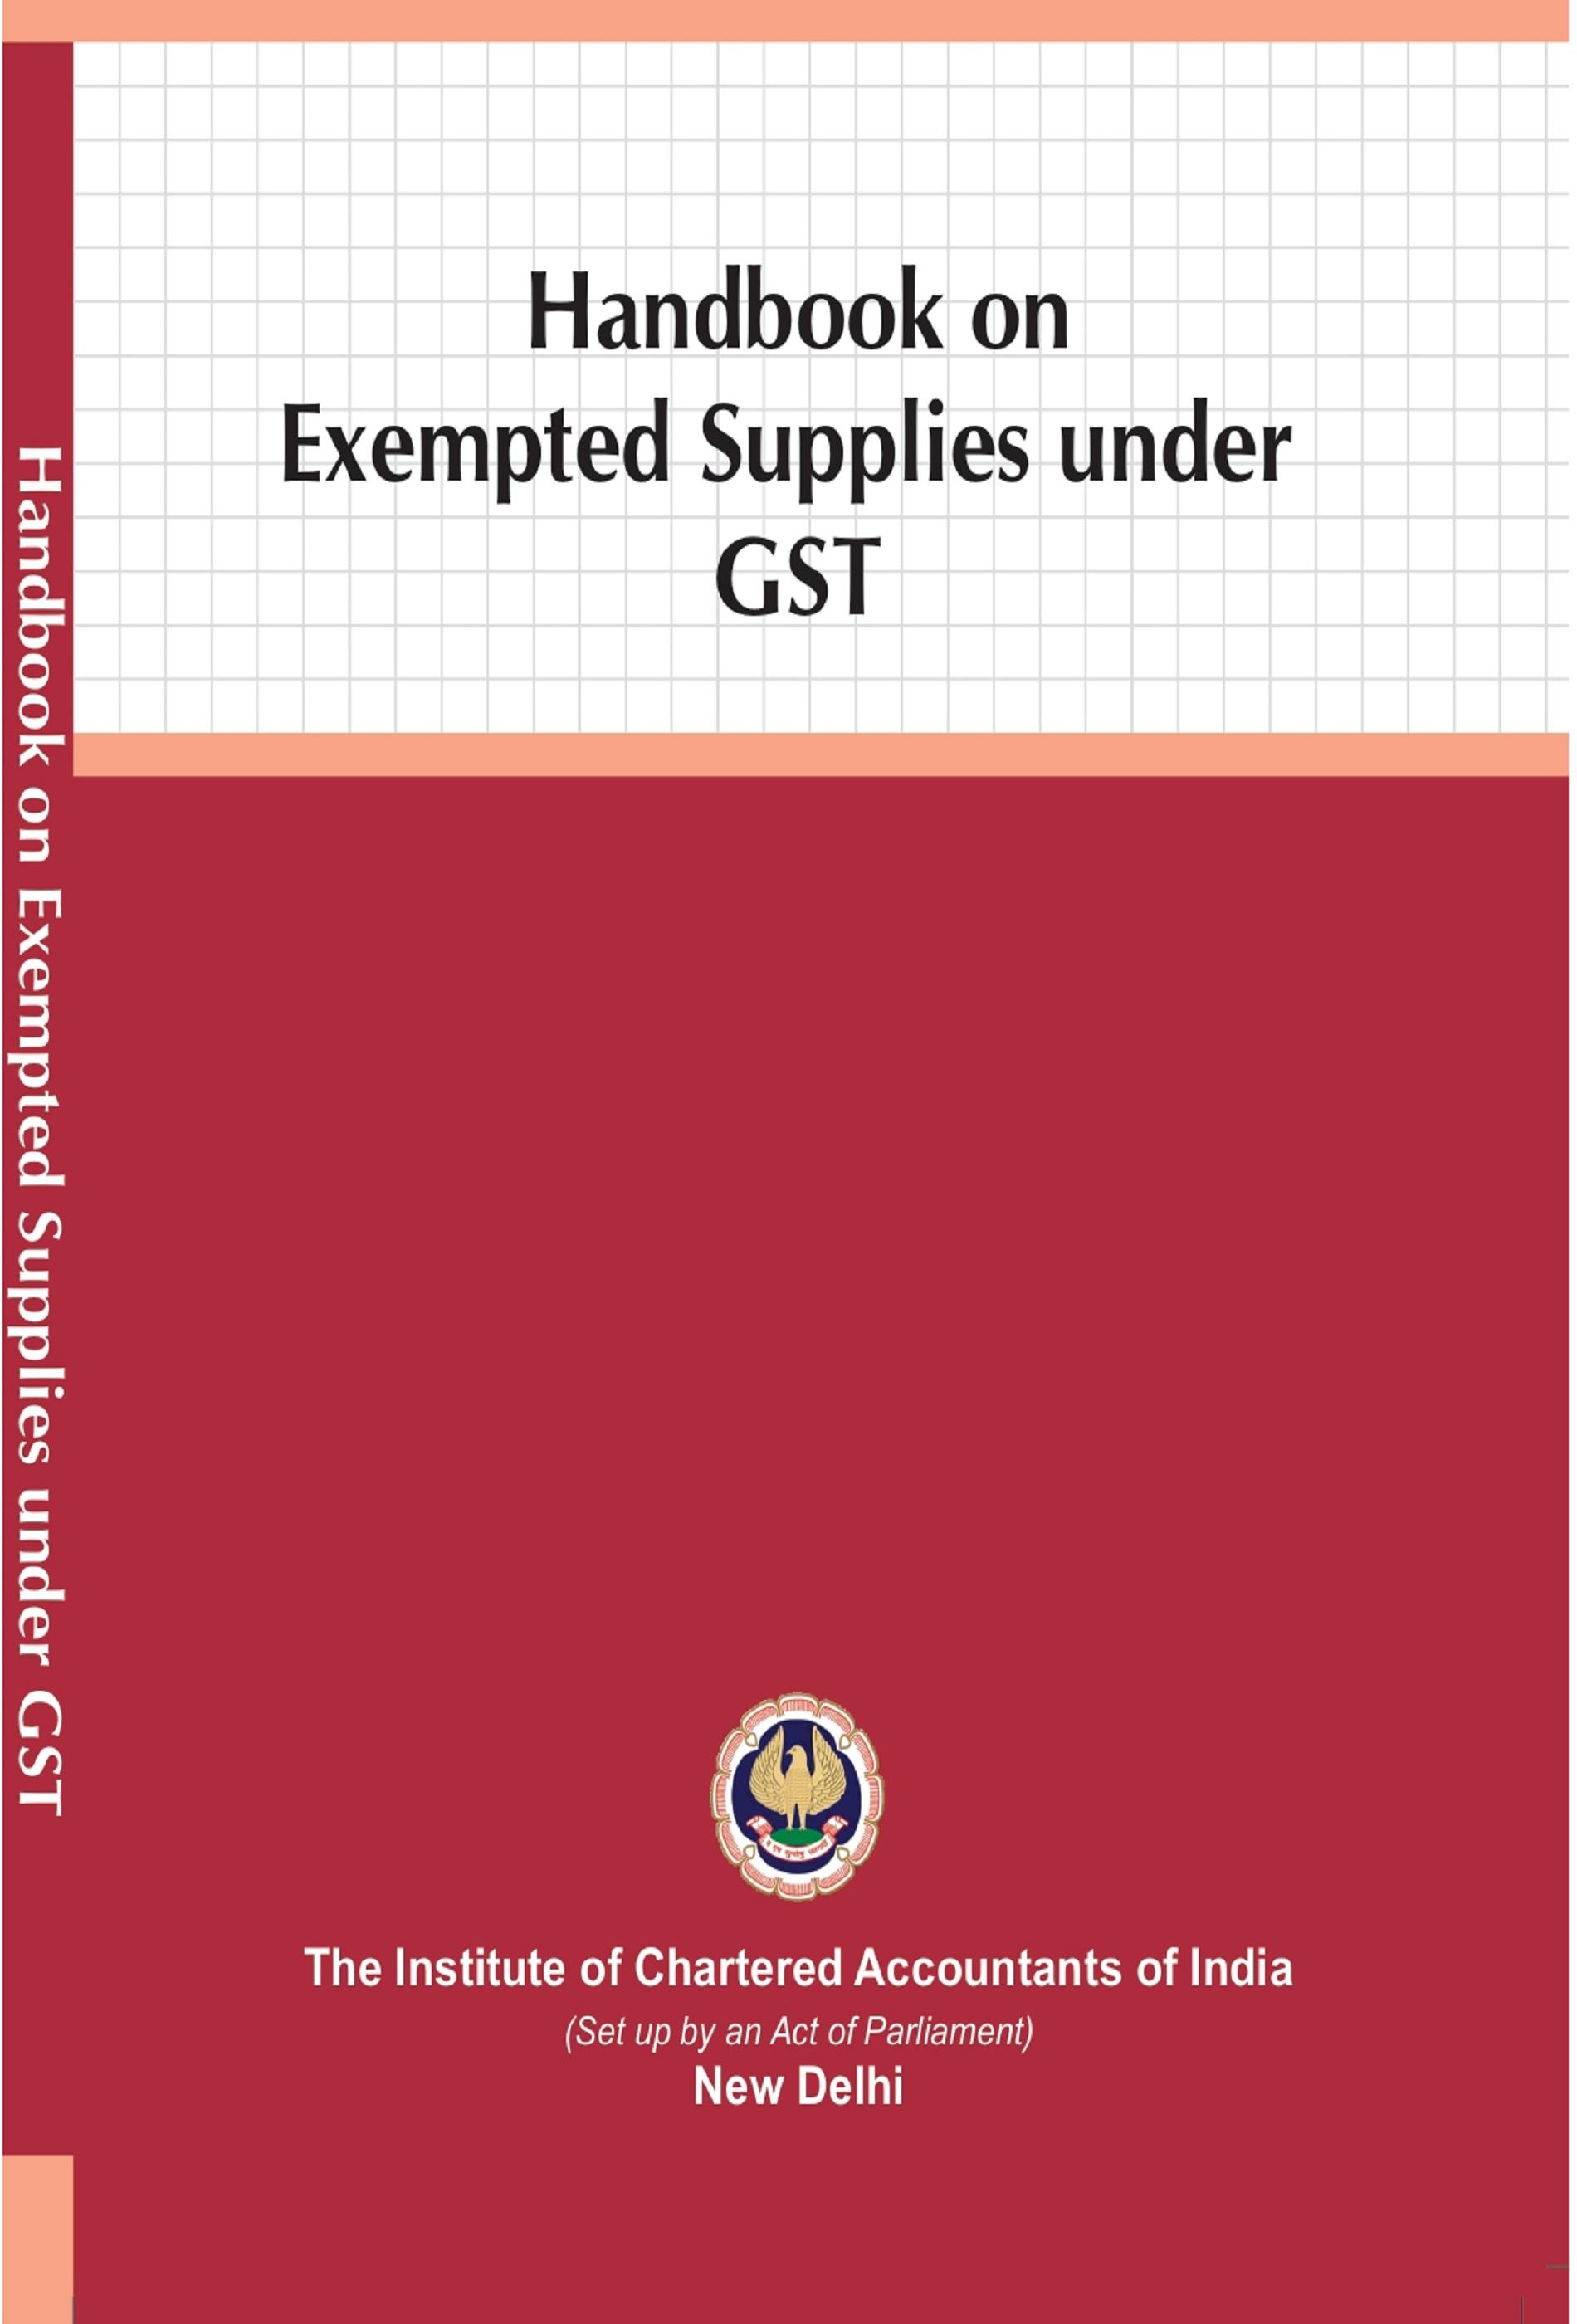 Handbook on Exempted Supplies under GST (February, 2020)